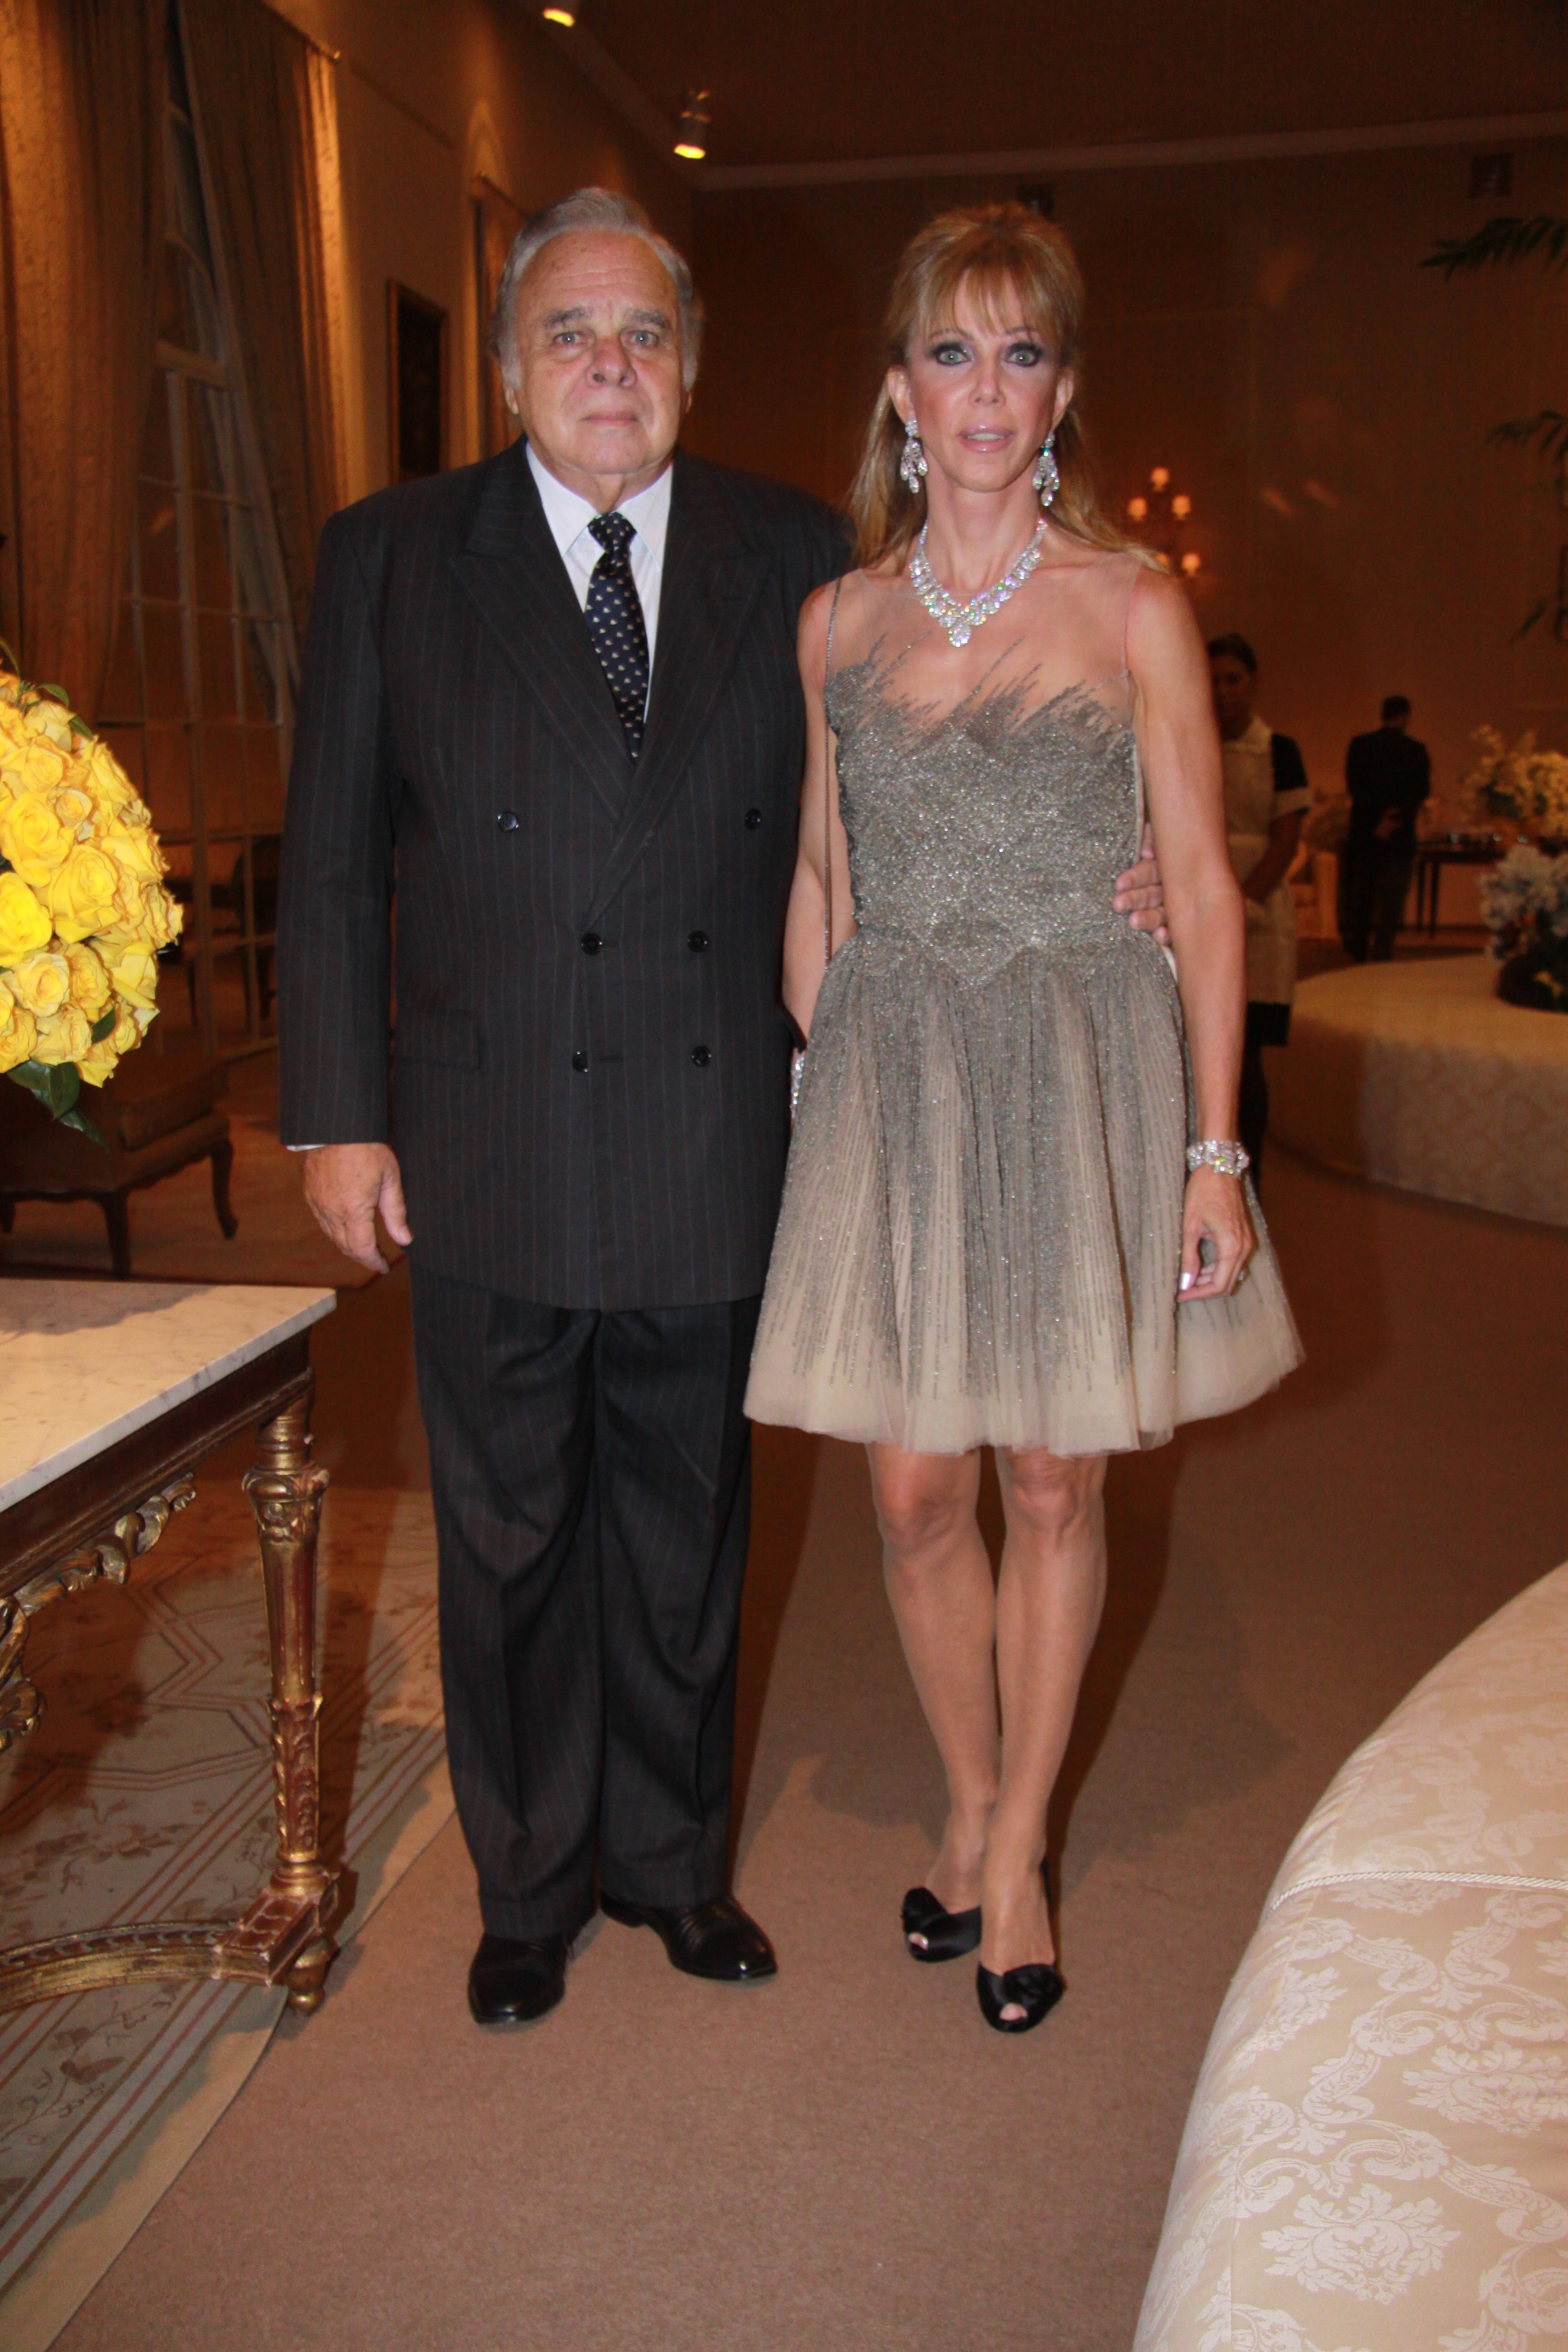 tamara18 Mais fotos do incrível casamento Gontijo Rudge